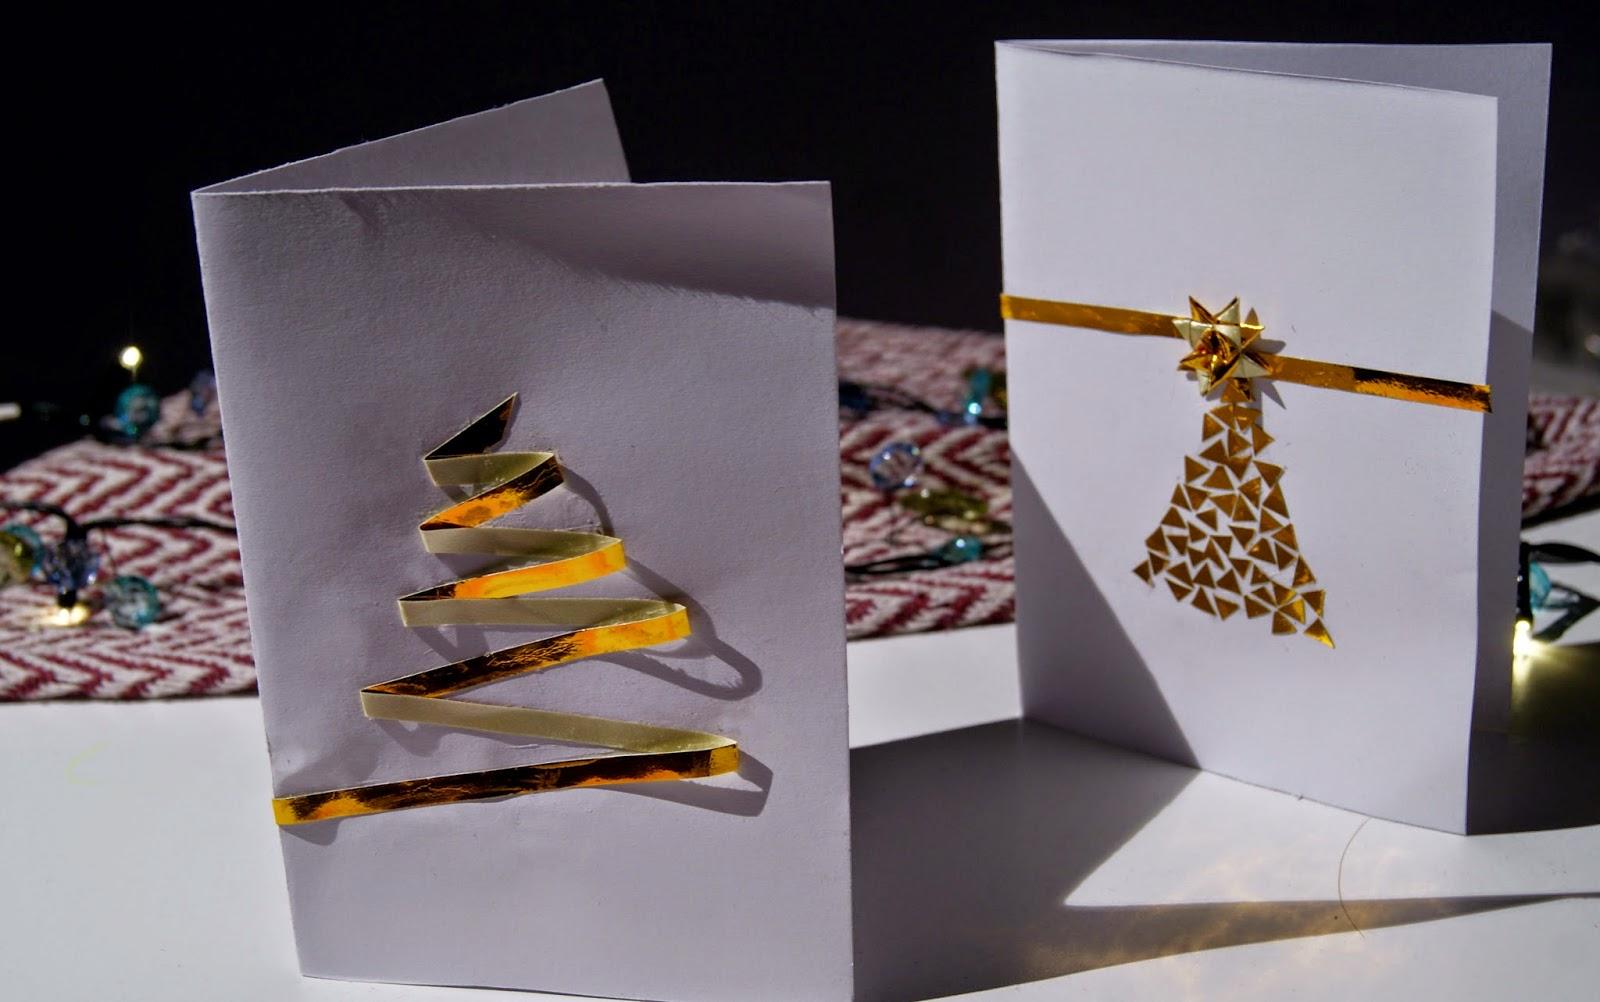 kartki świąteczne pomysły inspiracje diy tanie mozaika złota choinka